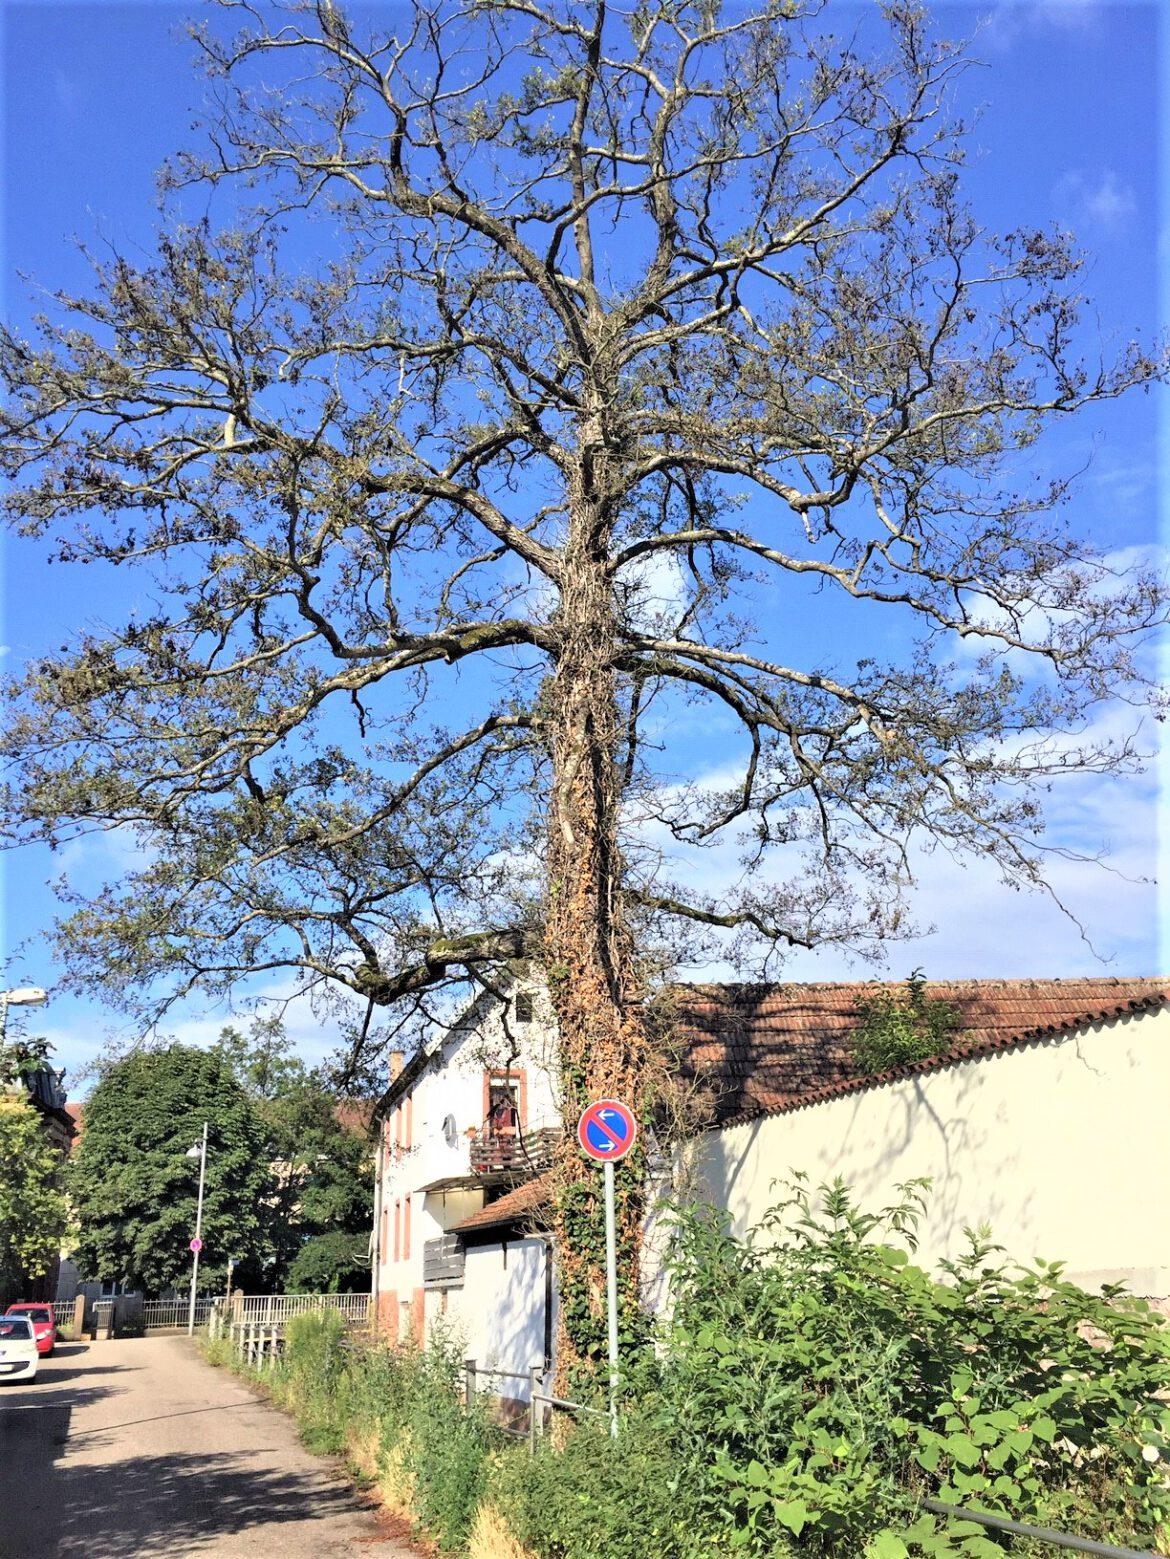 Abgestorbener Baum muss demnächst gefällt werden